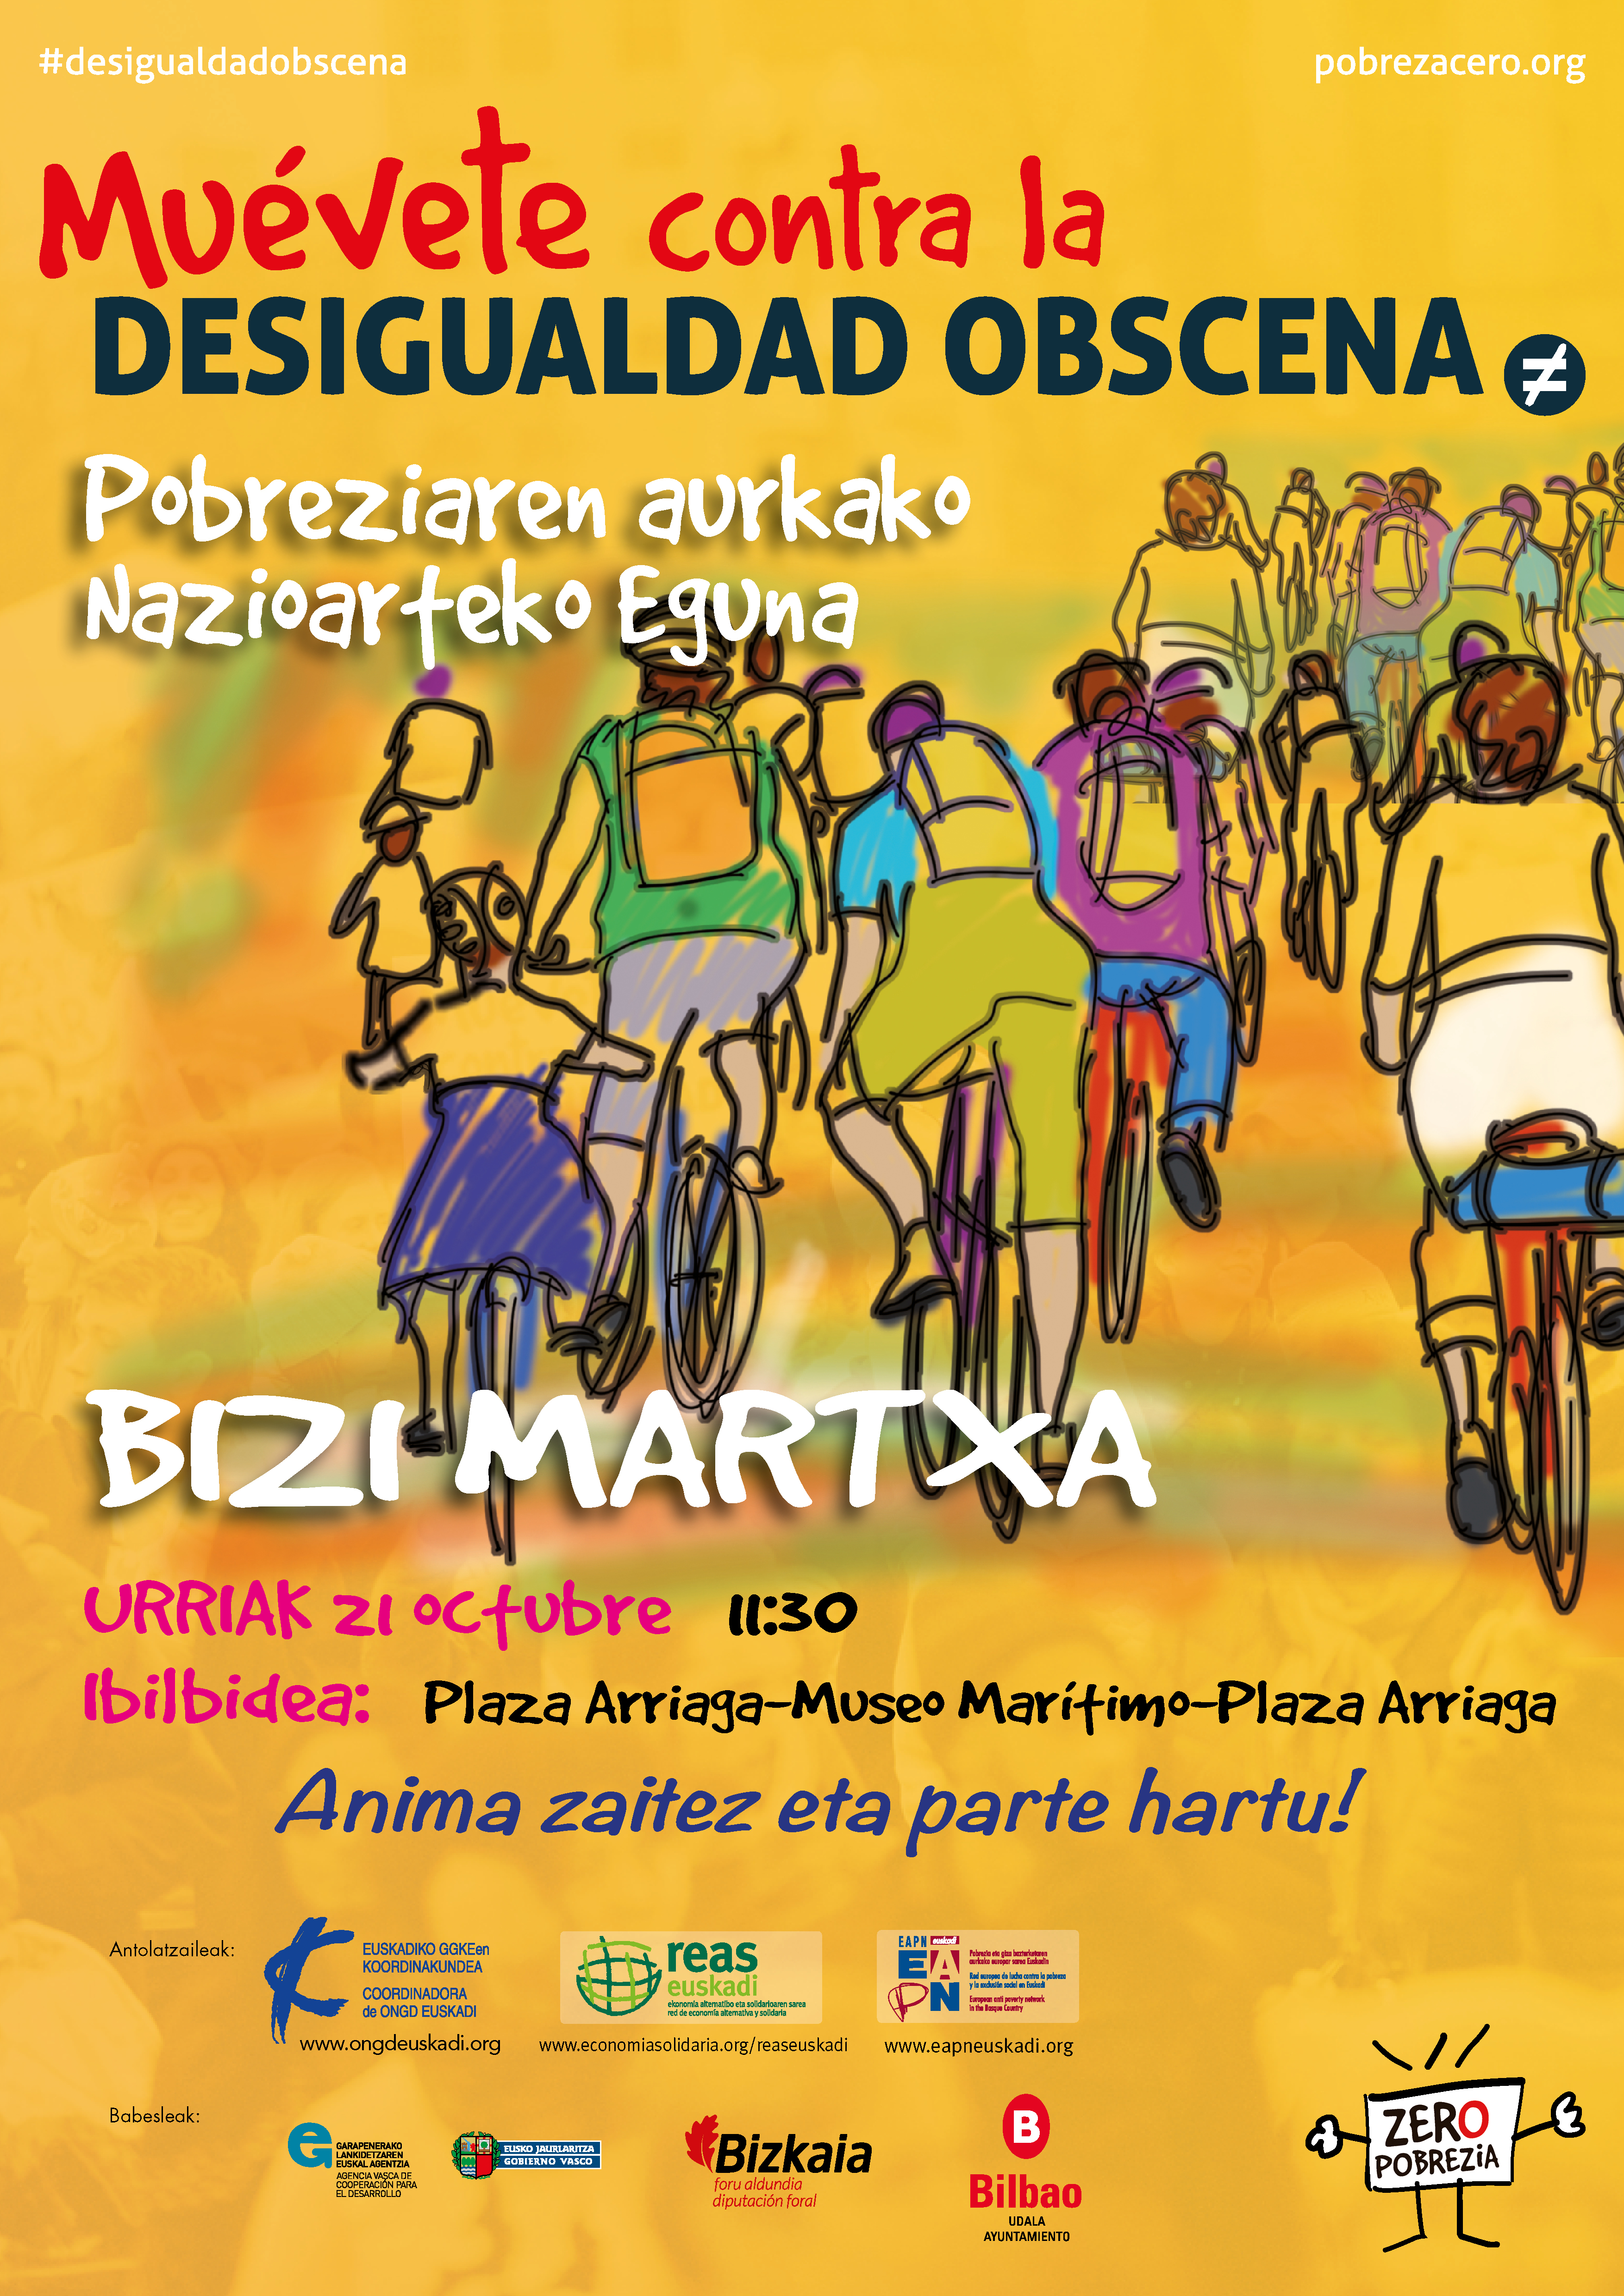 Bici marcha contra la pobreza y la desigualdad